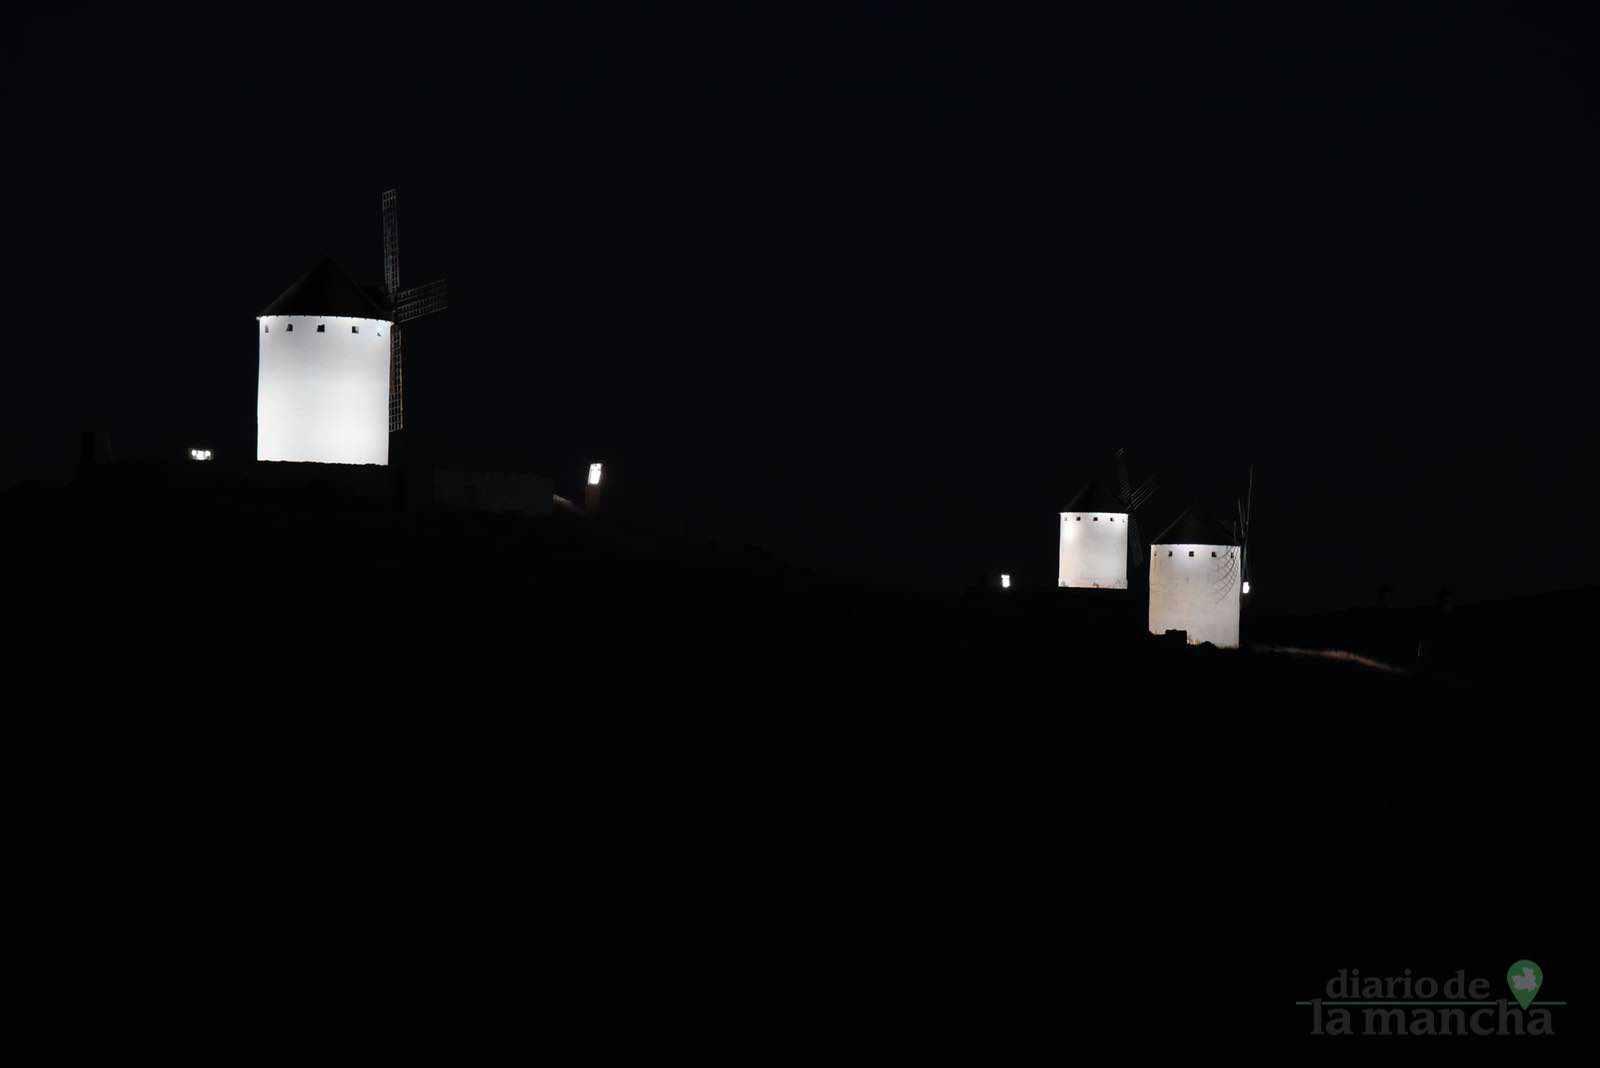 inauguracion iluminacion molinos herencia 7 - Herencia vuelve a inaugurar con una nueva iluminación artística sus molinos de viento